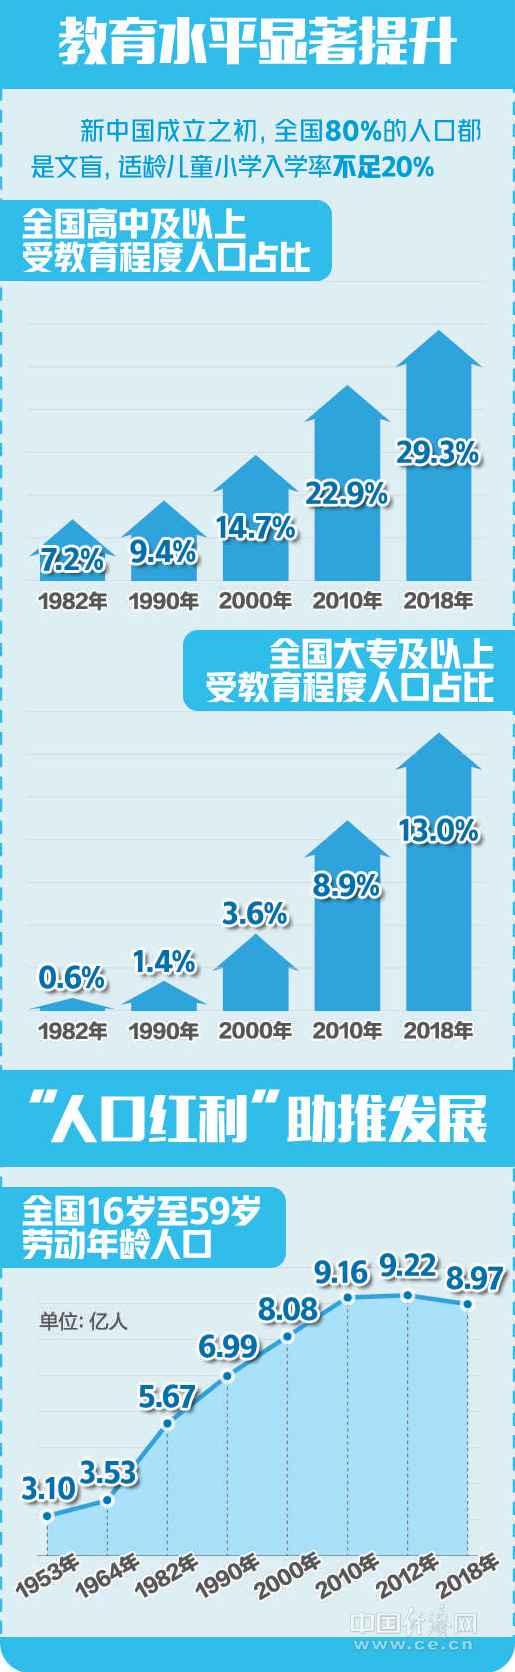 【壮丽70年奋斗新时代——数读70年】为人民谋幸福为民族谋复兴